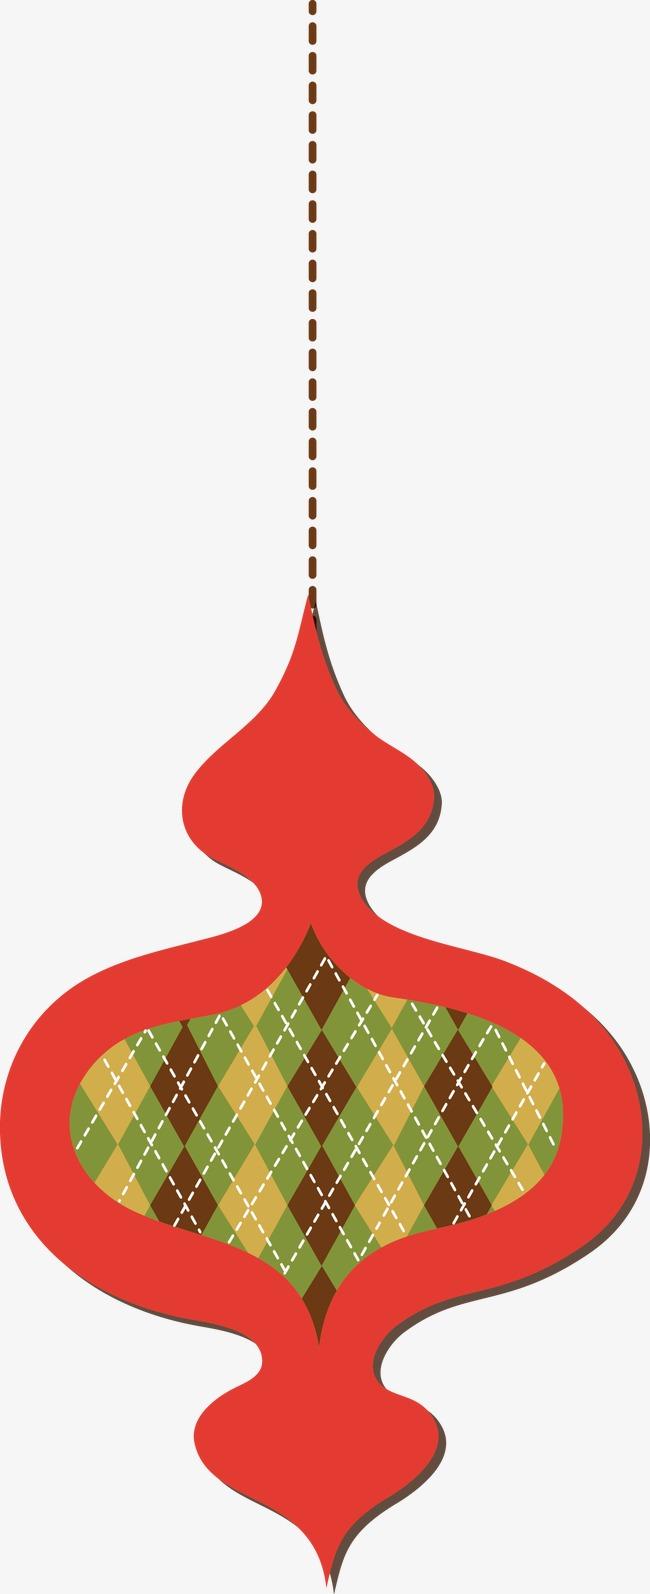 650x1594 Christmas Ornaments Vector, Christmas, Christmas Gift, Decoration